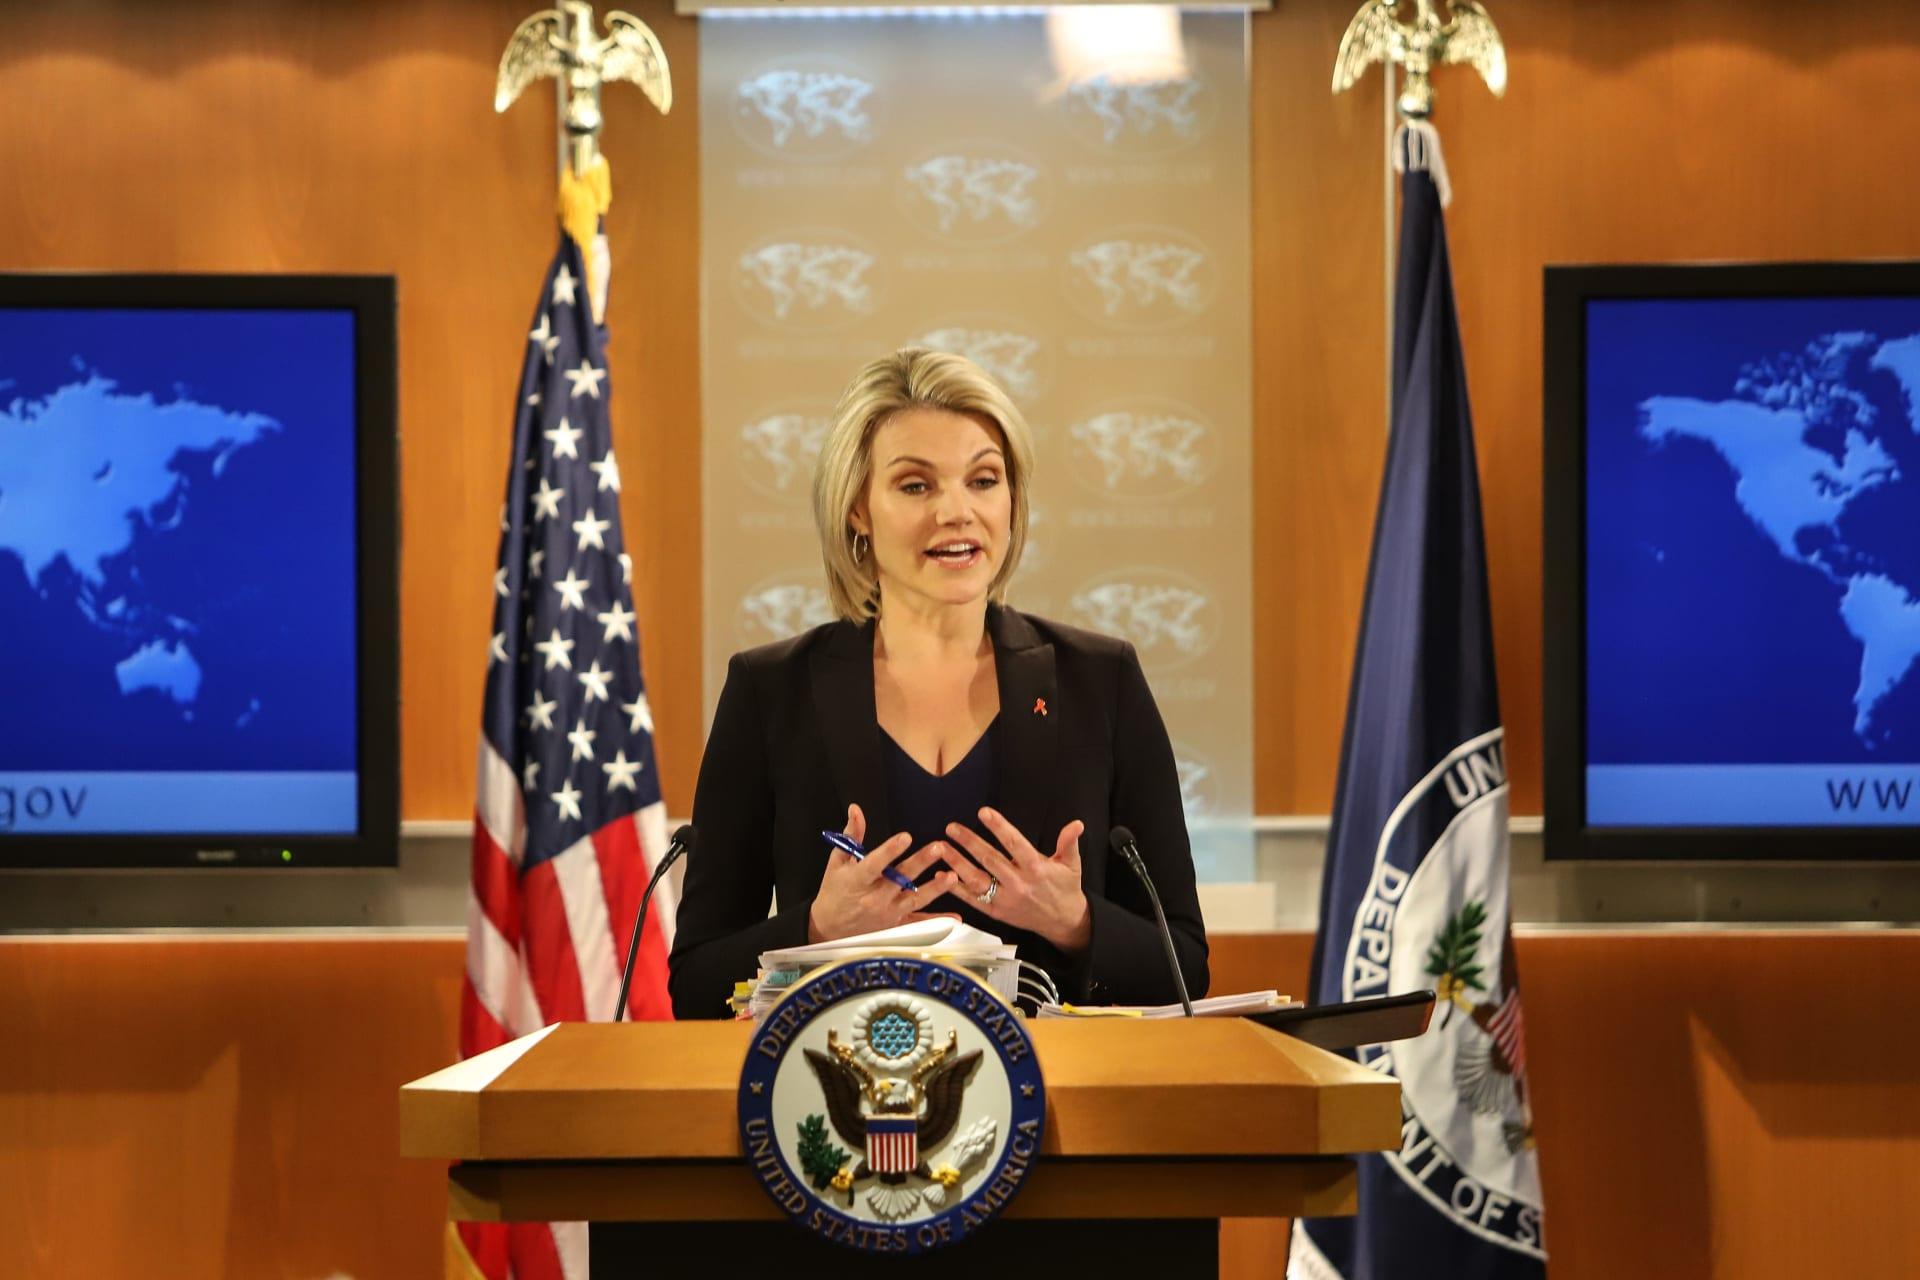 واشنطن: لم نتوصل إلى نتيجة نهائية بشأن المسؤول عن مقتل خاشقجي